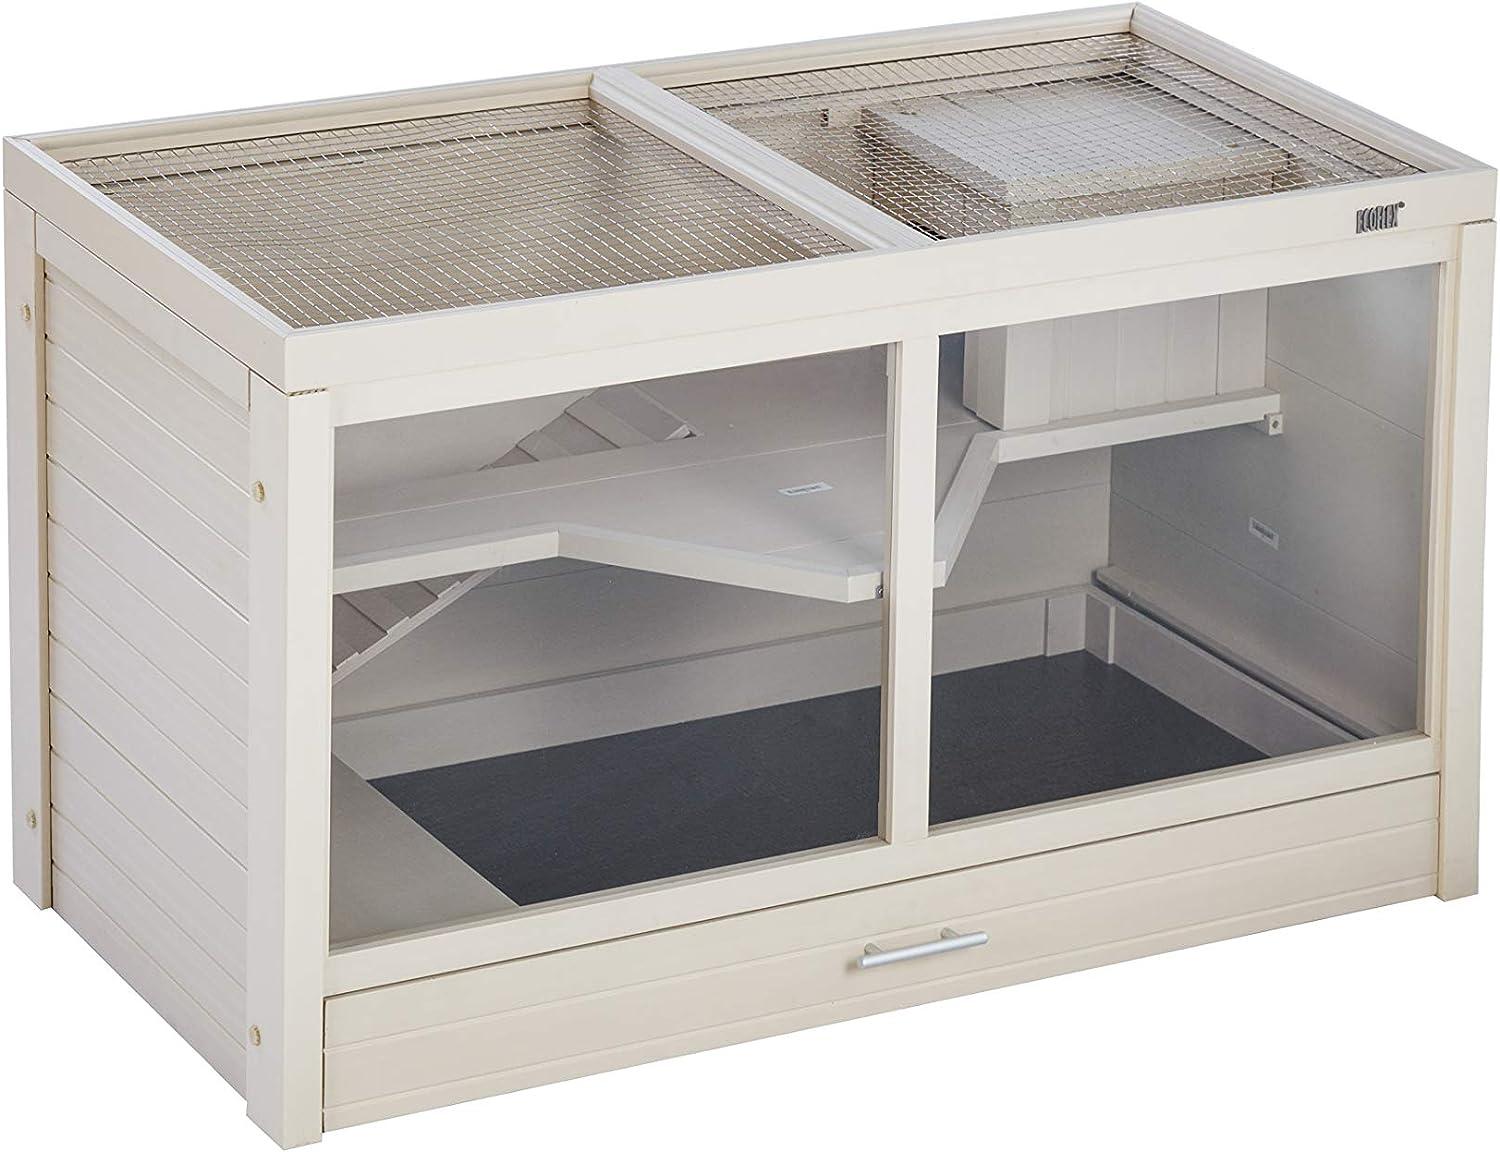 ecoFLEX Indoor Rabbit Hutch